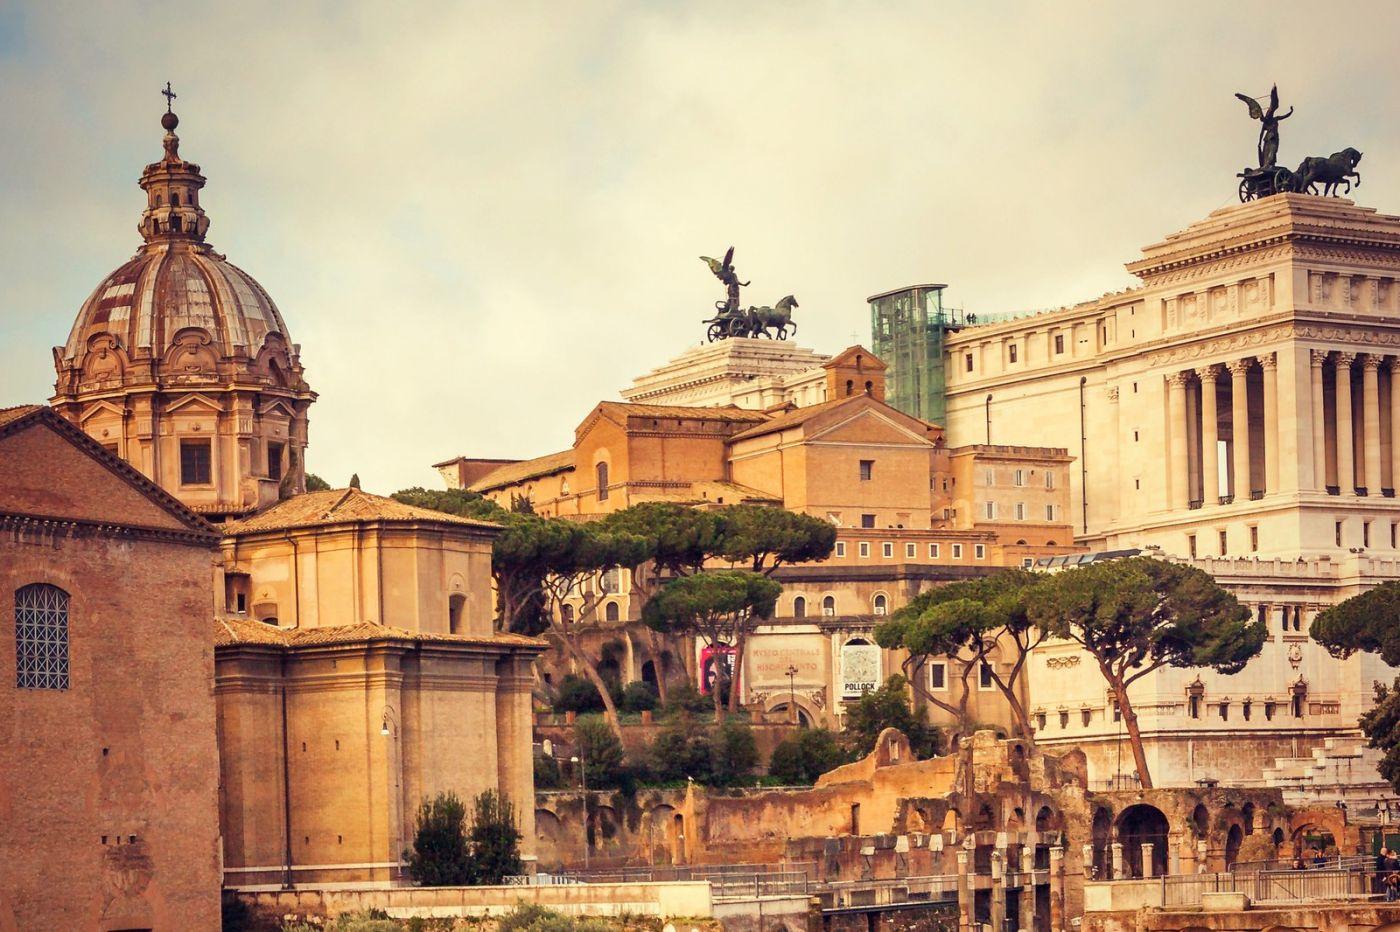 意大利罗马论坛,很敬佩_图1-21